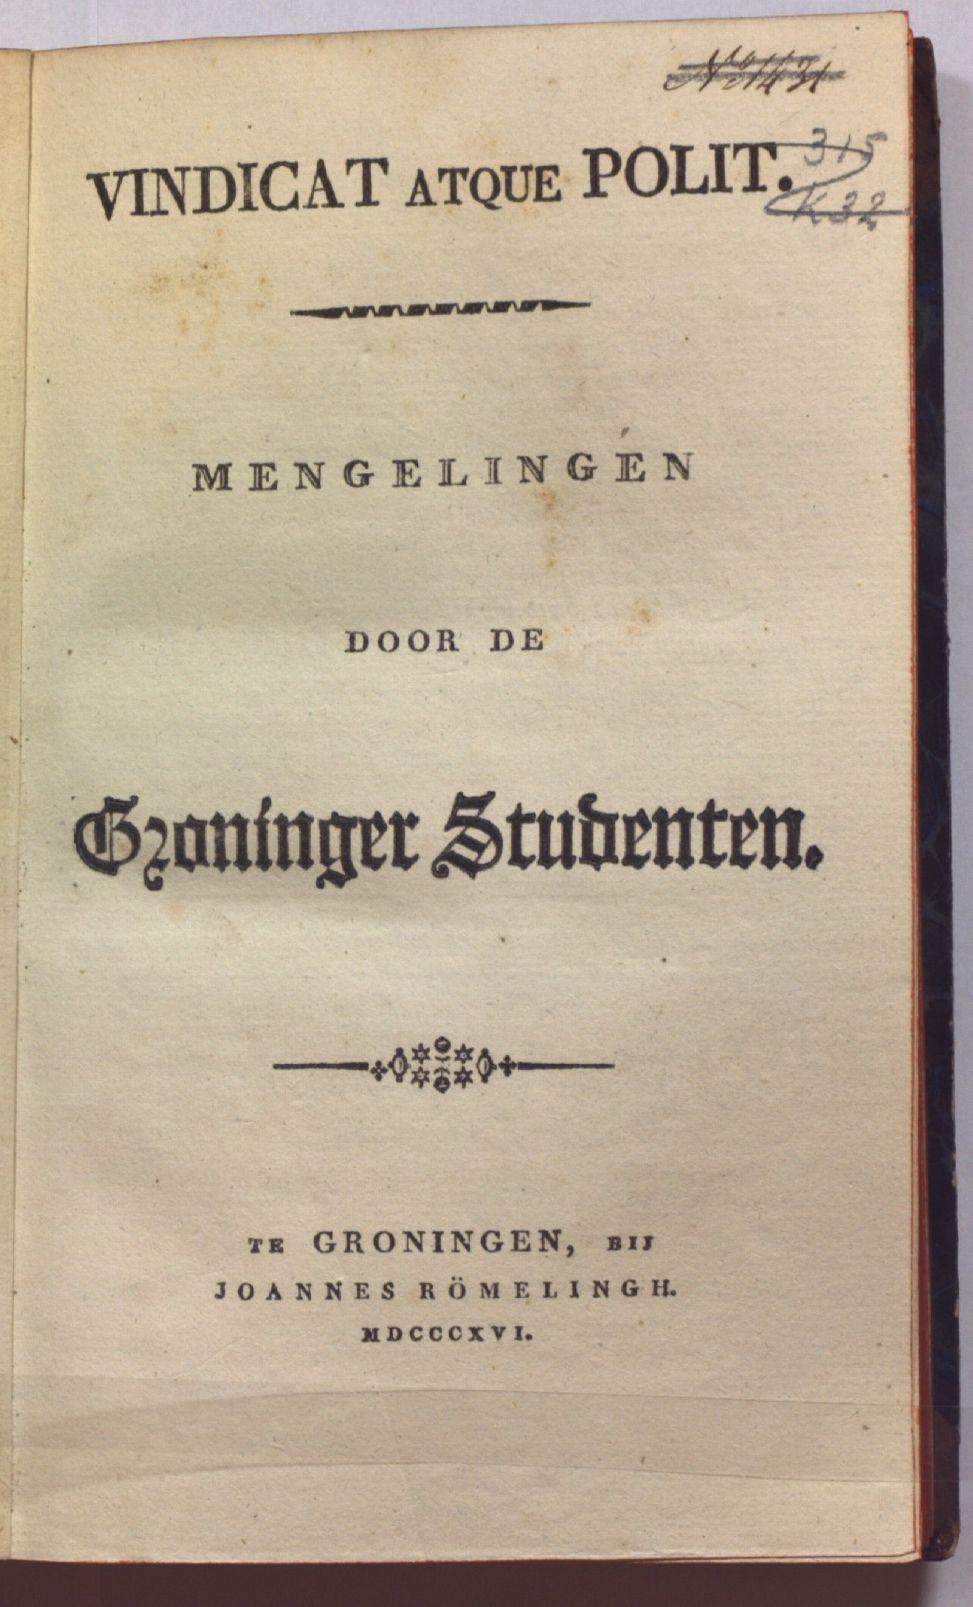 Op 4 februari 1815 wordt in de herberg 'Het Wapen der Zeven Provincien' het Groningsch Studenten Corps - Vindicat atque Polit - opgericht door de latere rector en abactis B.J. Winter en G.L. Feijens. De Latijnse zinspreuk betekent (Hij) Handhaaft en Beschaaft. 'Vindicat' is de oudste studentenvereniging van Nederland en kent een roerige geschiedenis. Het corps is gevestigd in sociëteit Mutua Fides ('Wederzijds vertrouwen') aan de Grote Markt in Groningen.